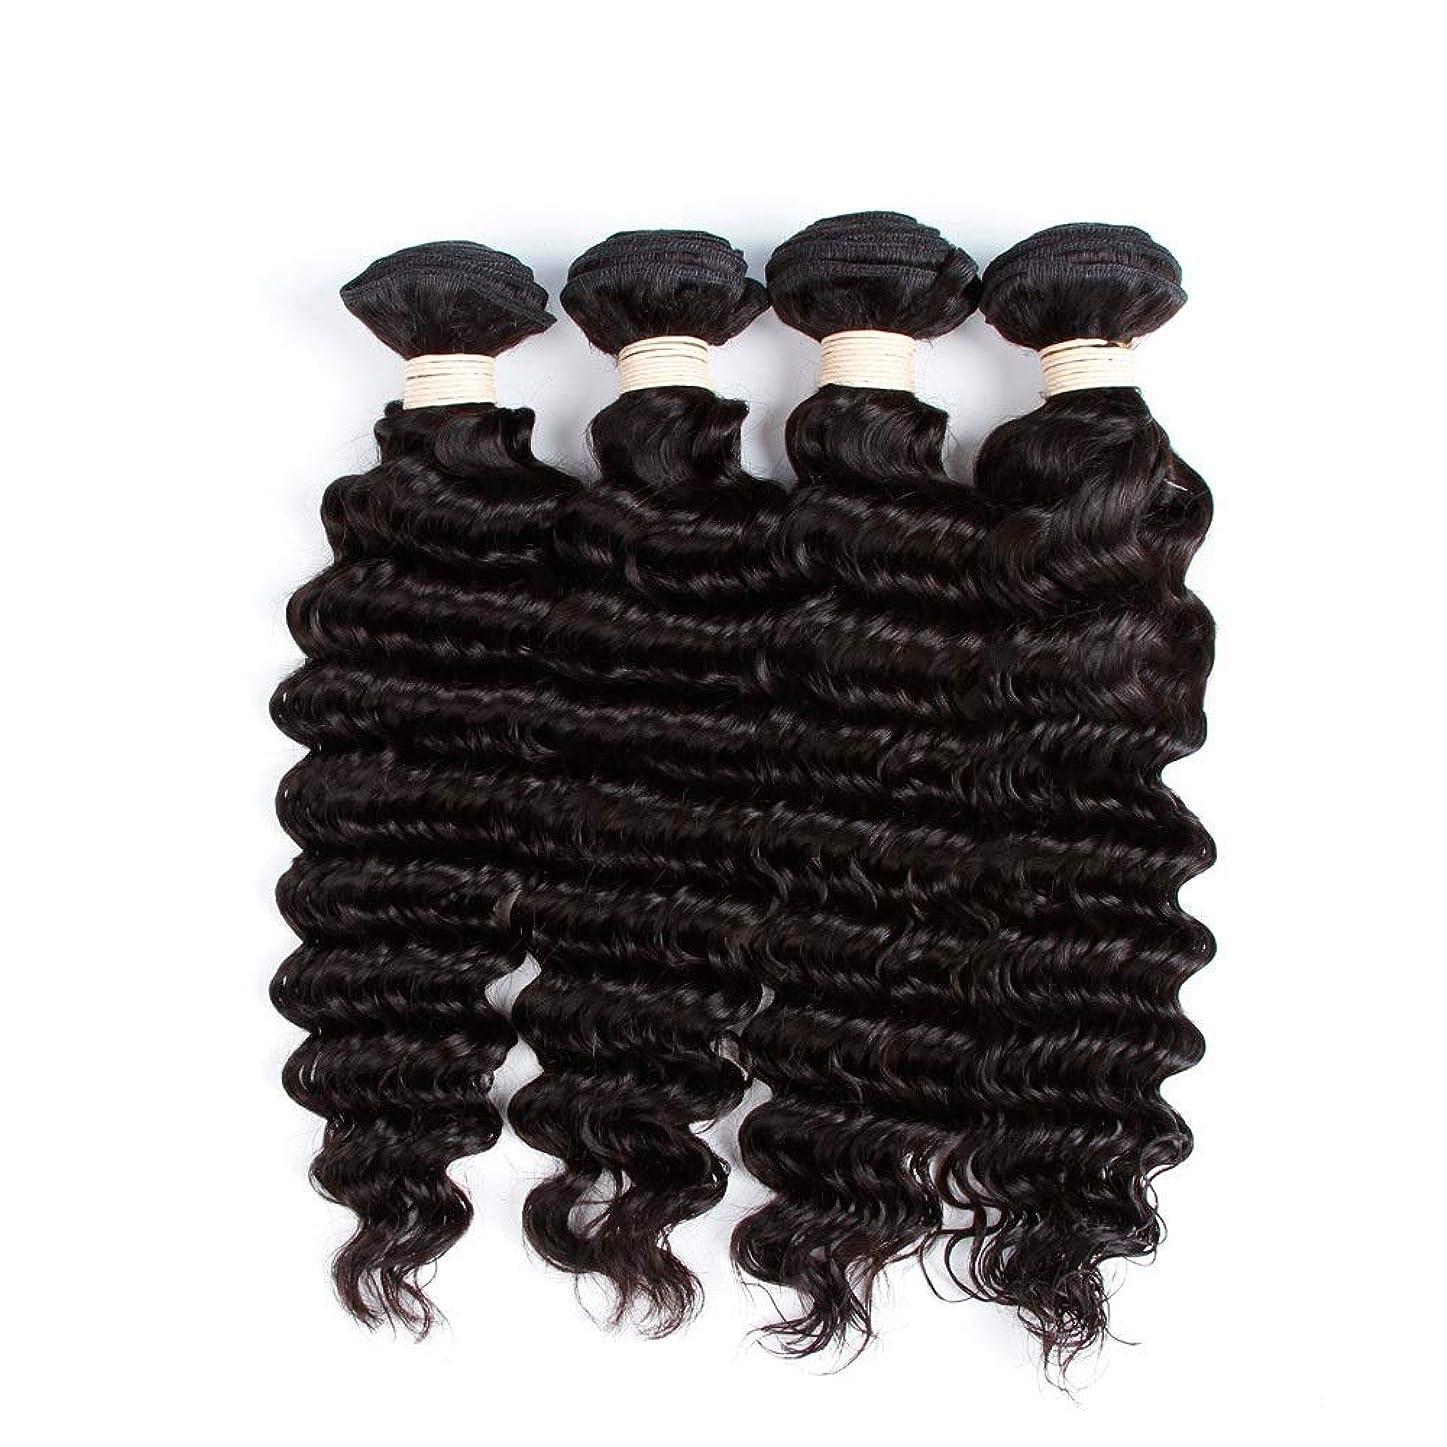 それぞれ前部ヘルシーBOBIDYEE 未処理のブラジルの深い巻き毛の束本物の人間のバージンヘアエクステンション - 1束#1Bナチュラルカラー(100 +/- 5g)/ pc女性複合かつらレースかつらロールプレイングかつら (色 : 黒, サイズ : 16 inch)